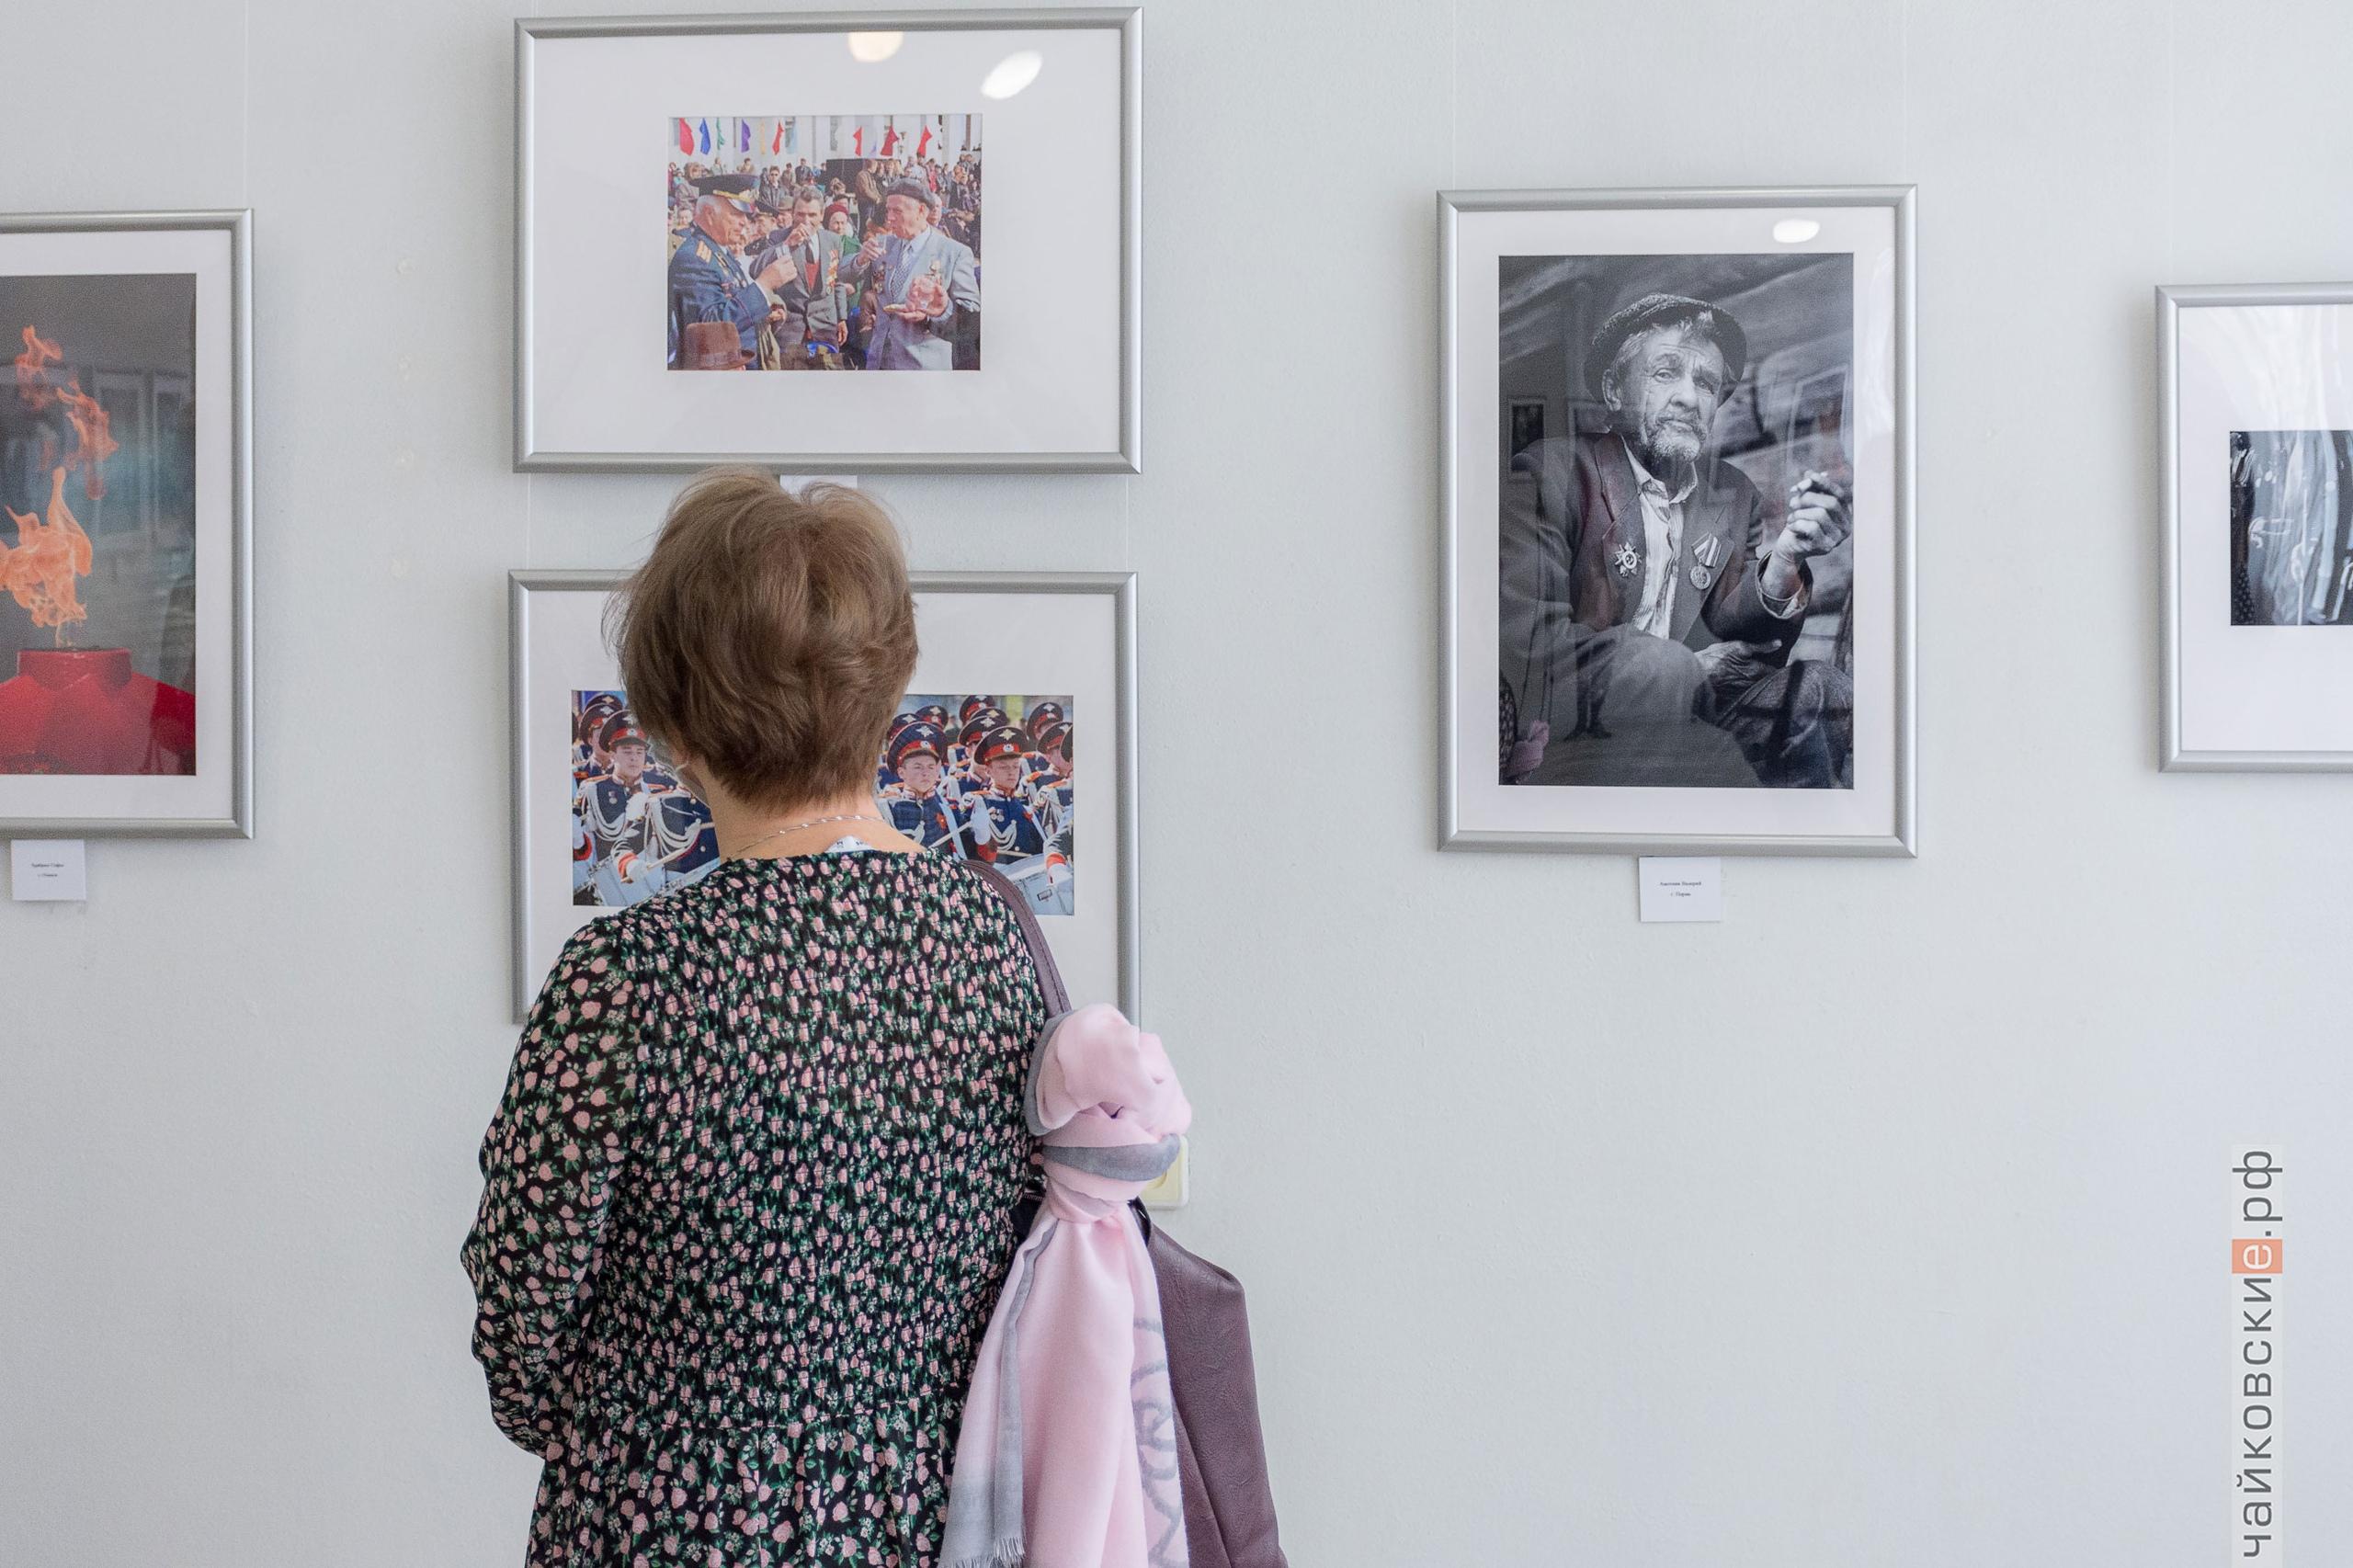 выставка ракурс пространство время, чайковский район, 2020 год